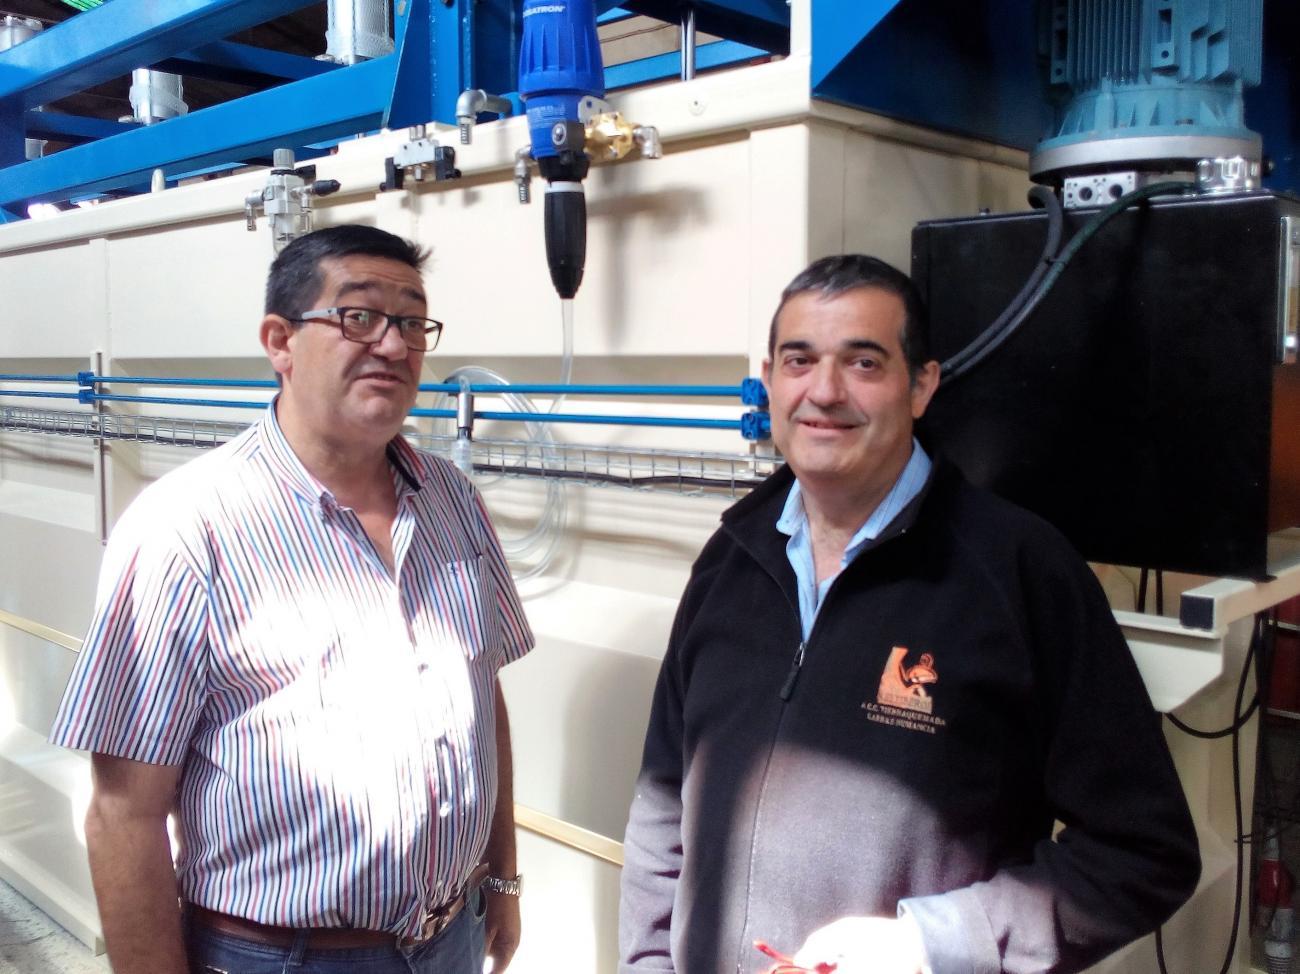 Tercera Generación de Talleres Mecánicos Santamaría. Julio y Alberto Santamaría